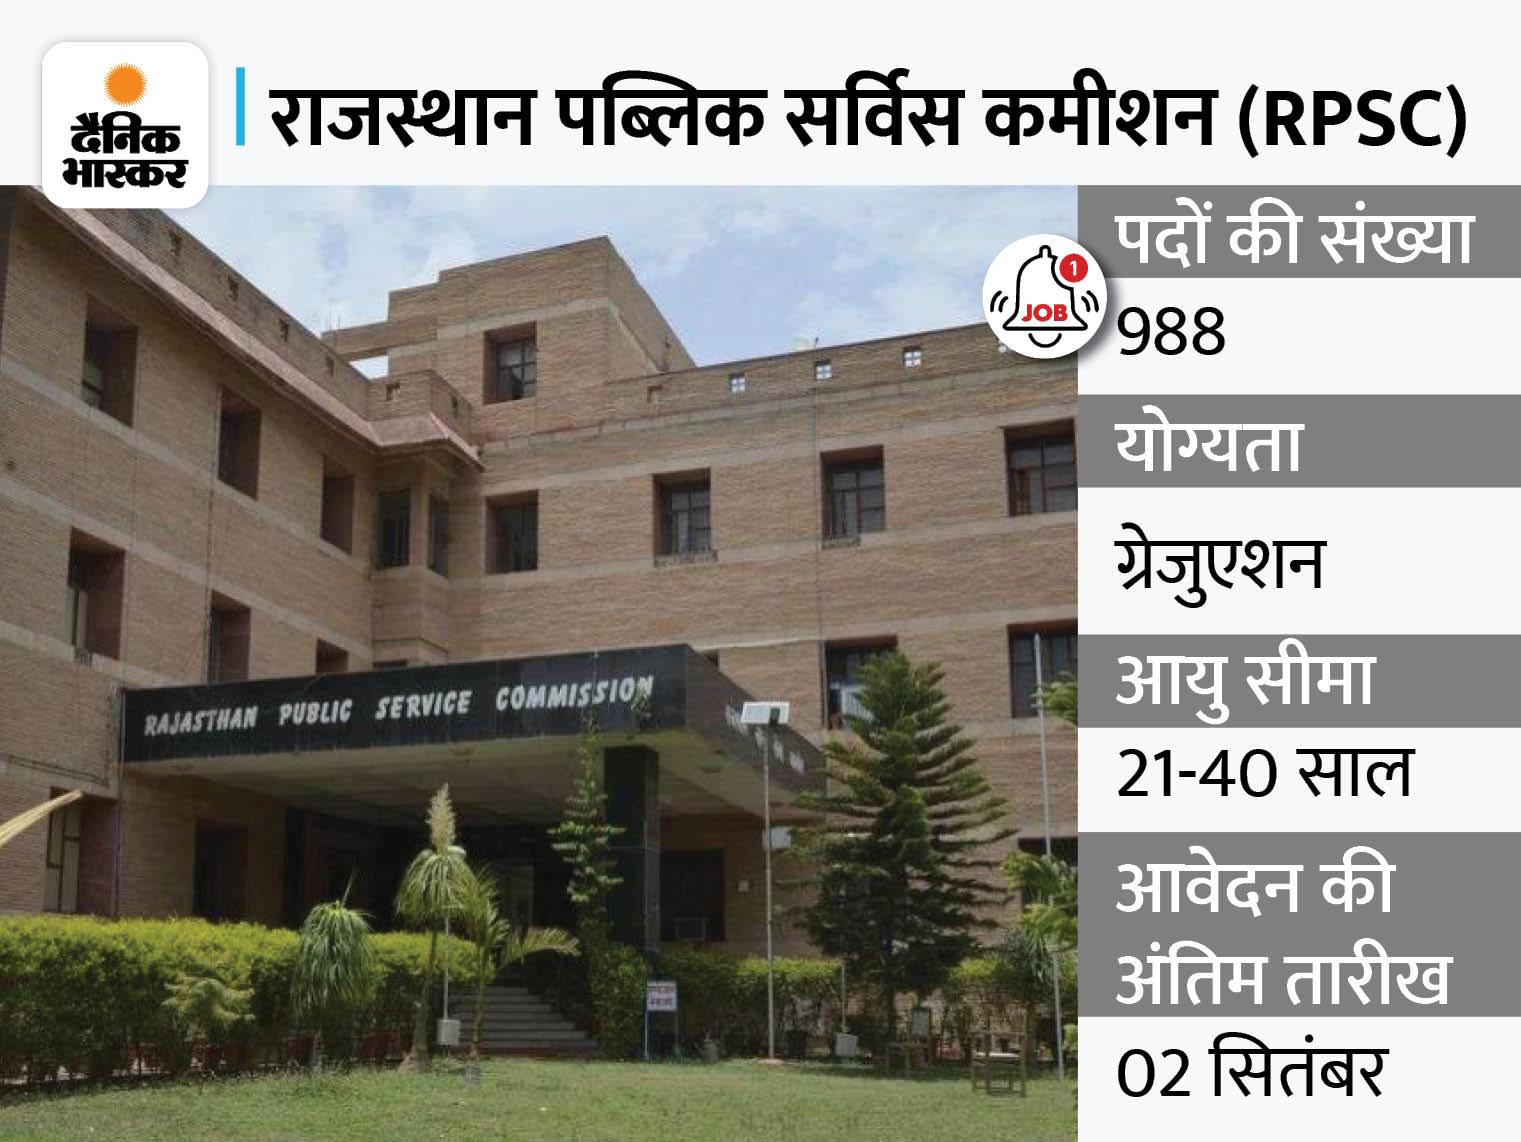 RPSC ने विभिन्न 988 पदों पर भर्ती के लिए जारी किया नोटिफिकेशन, 2 सितंबर आवेदन की आखिरी तारीख|करिअर,Career - Dainik Bhaskar